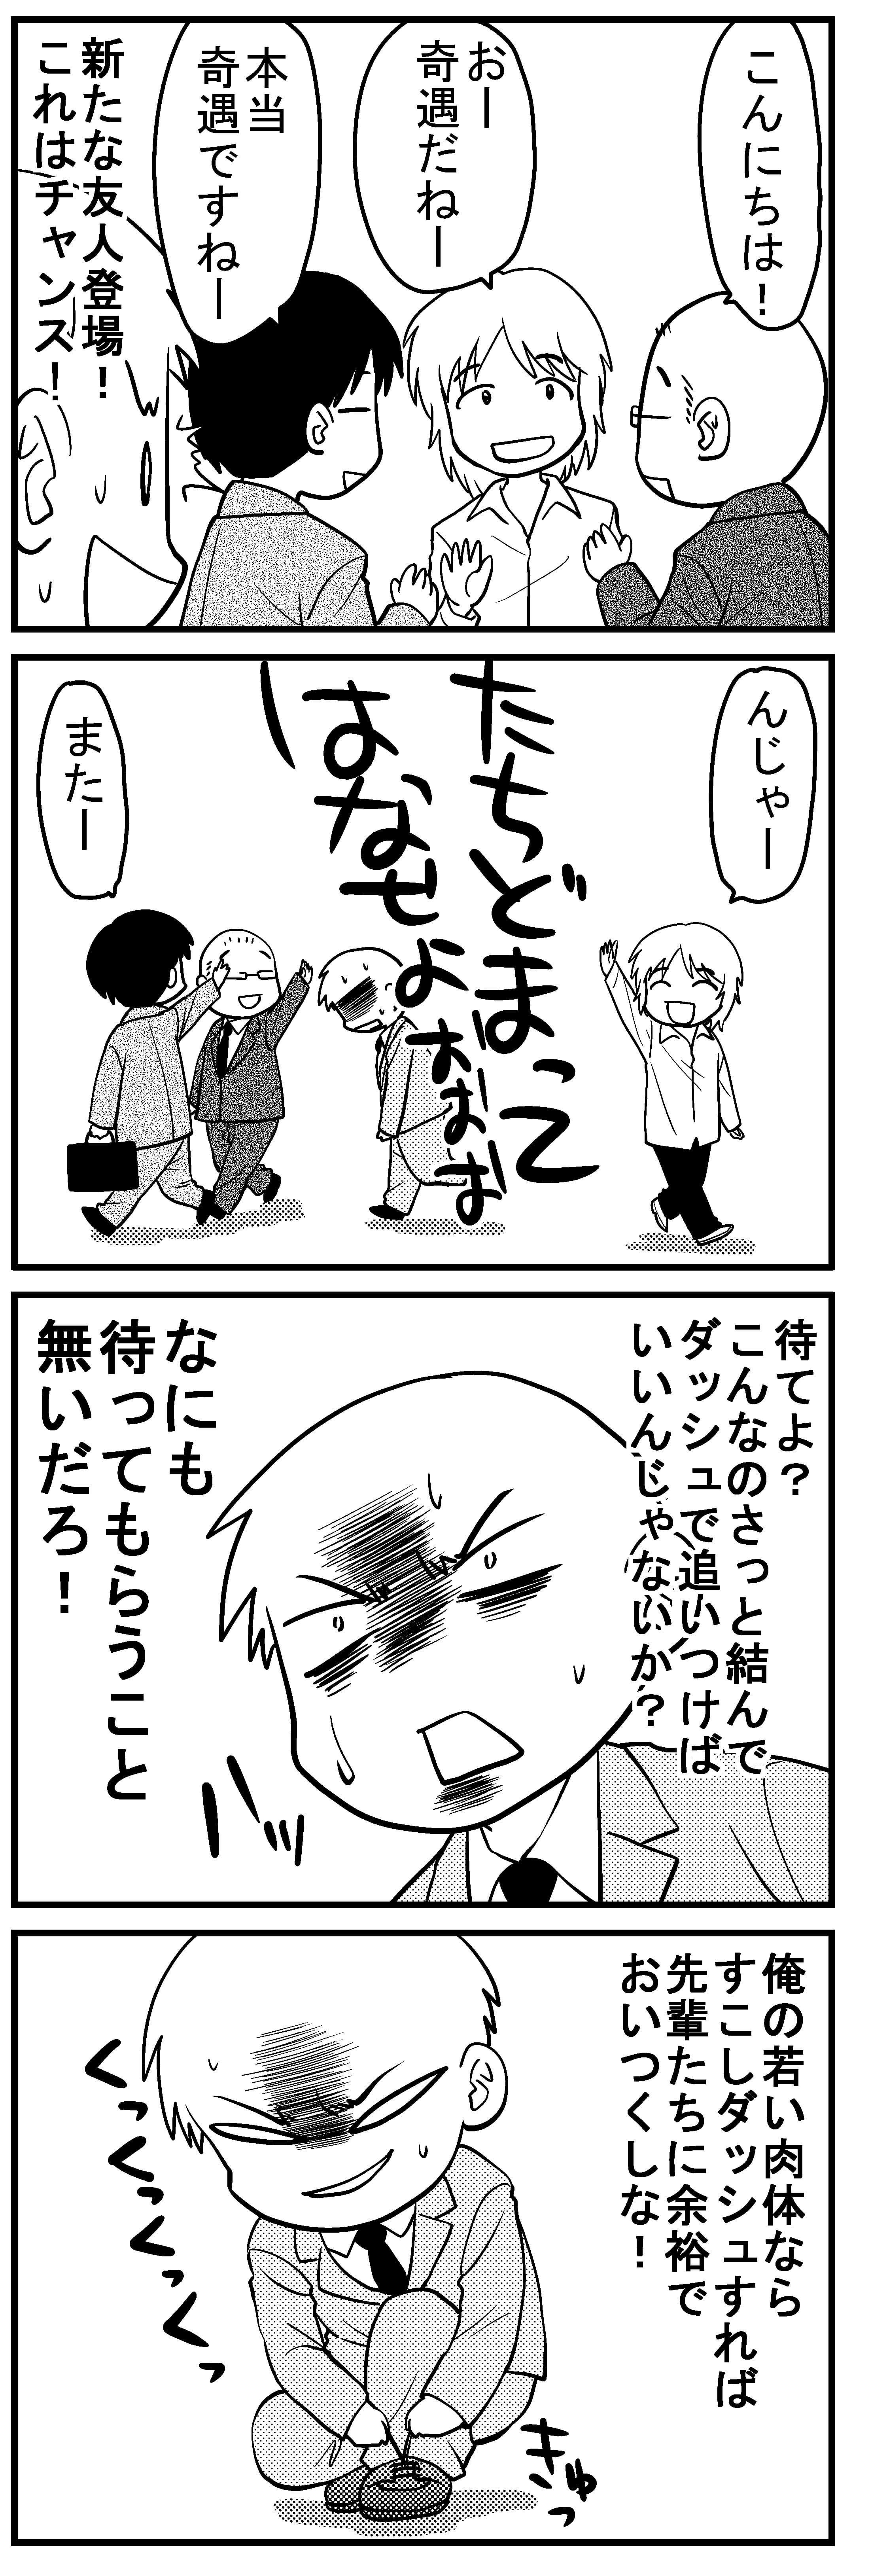 深読み君7 のコピー 2_mini (1)